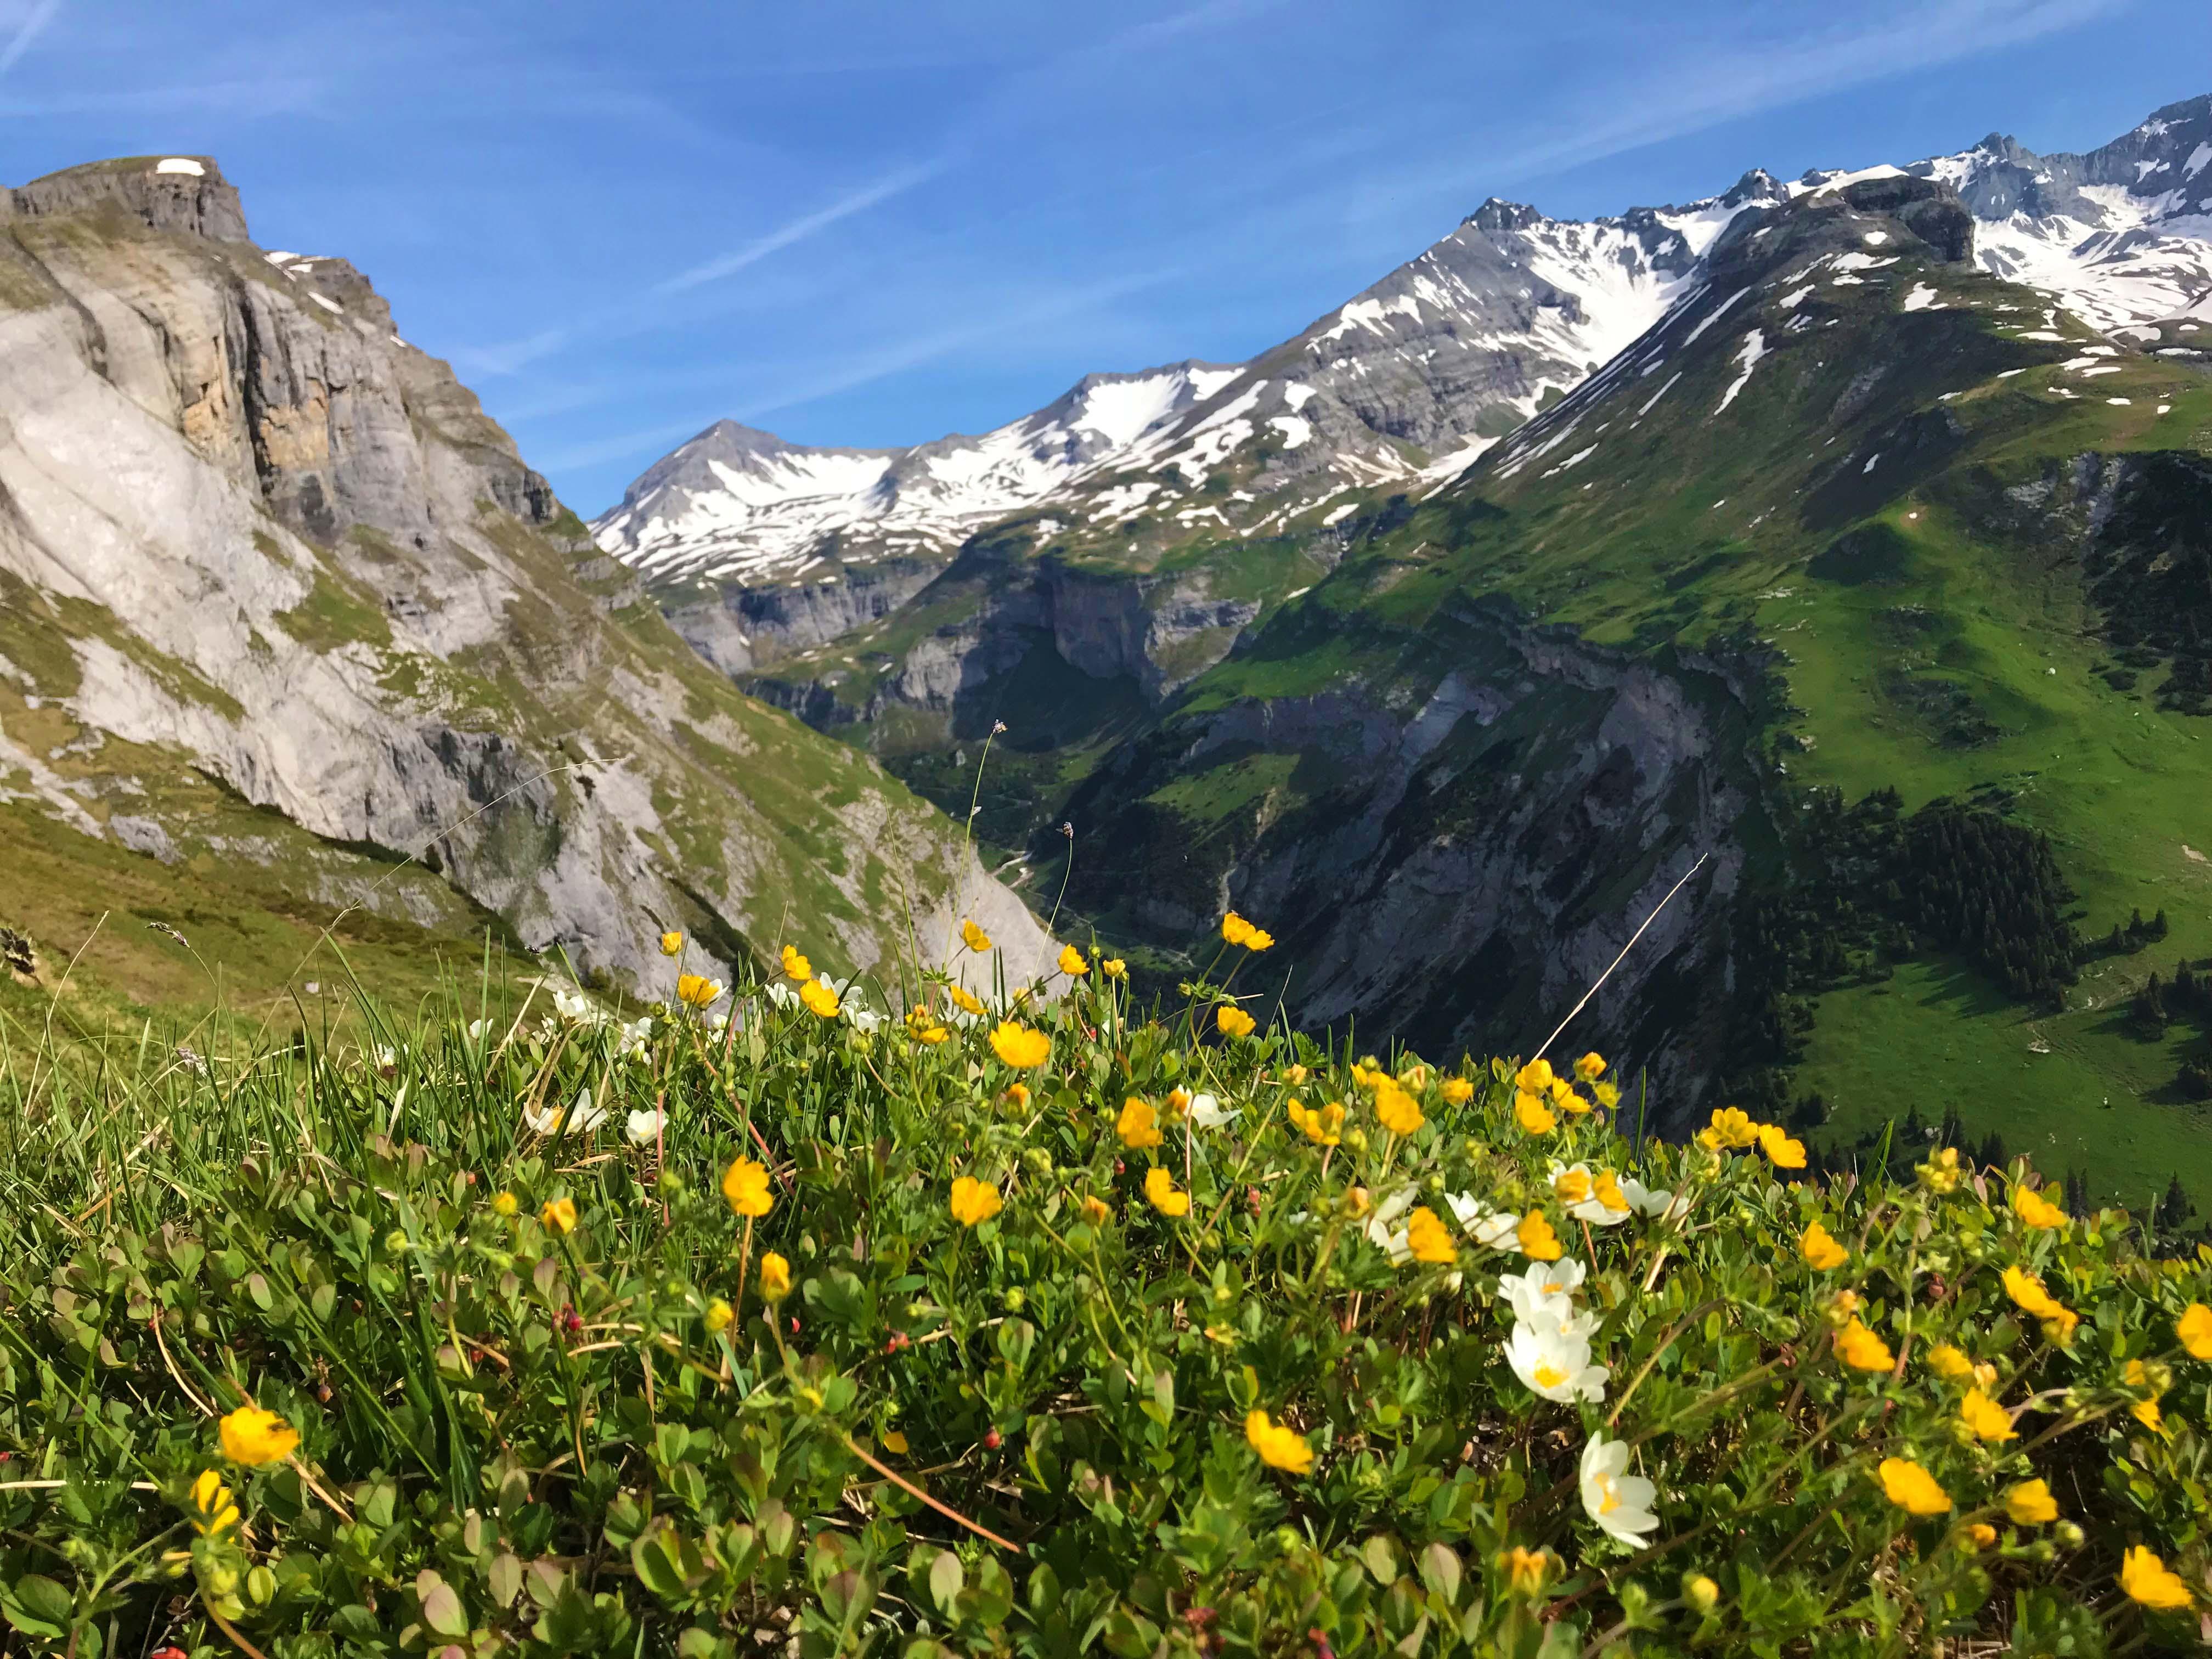 Klettersteig Pinut : Klettersteig pinut flims gr berge schweiz derbergler